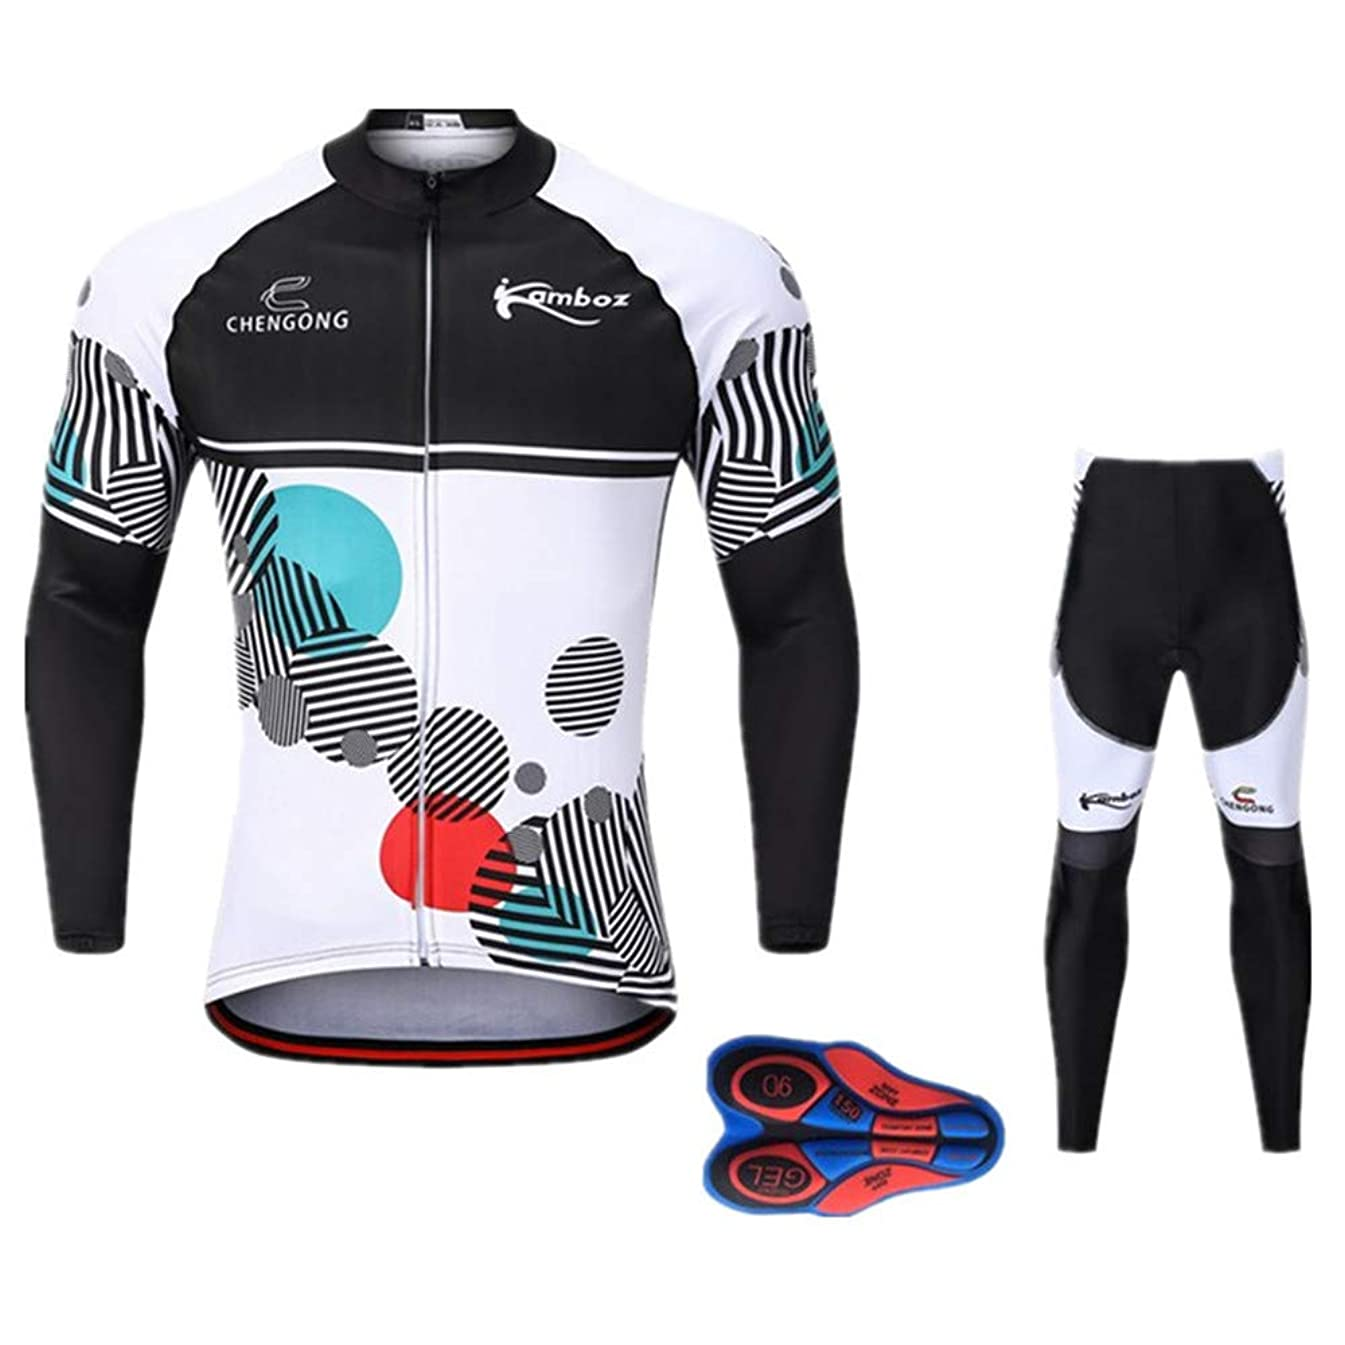 ブレスほぼ強盗サイクル ジャージ 上下セット 自転車 パンツ 長袖シャツ スポーツウェア バイク 1912MCy